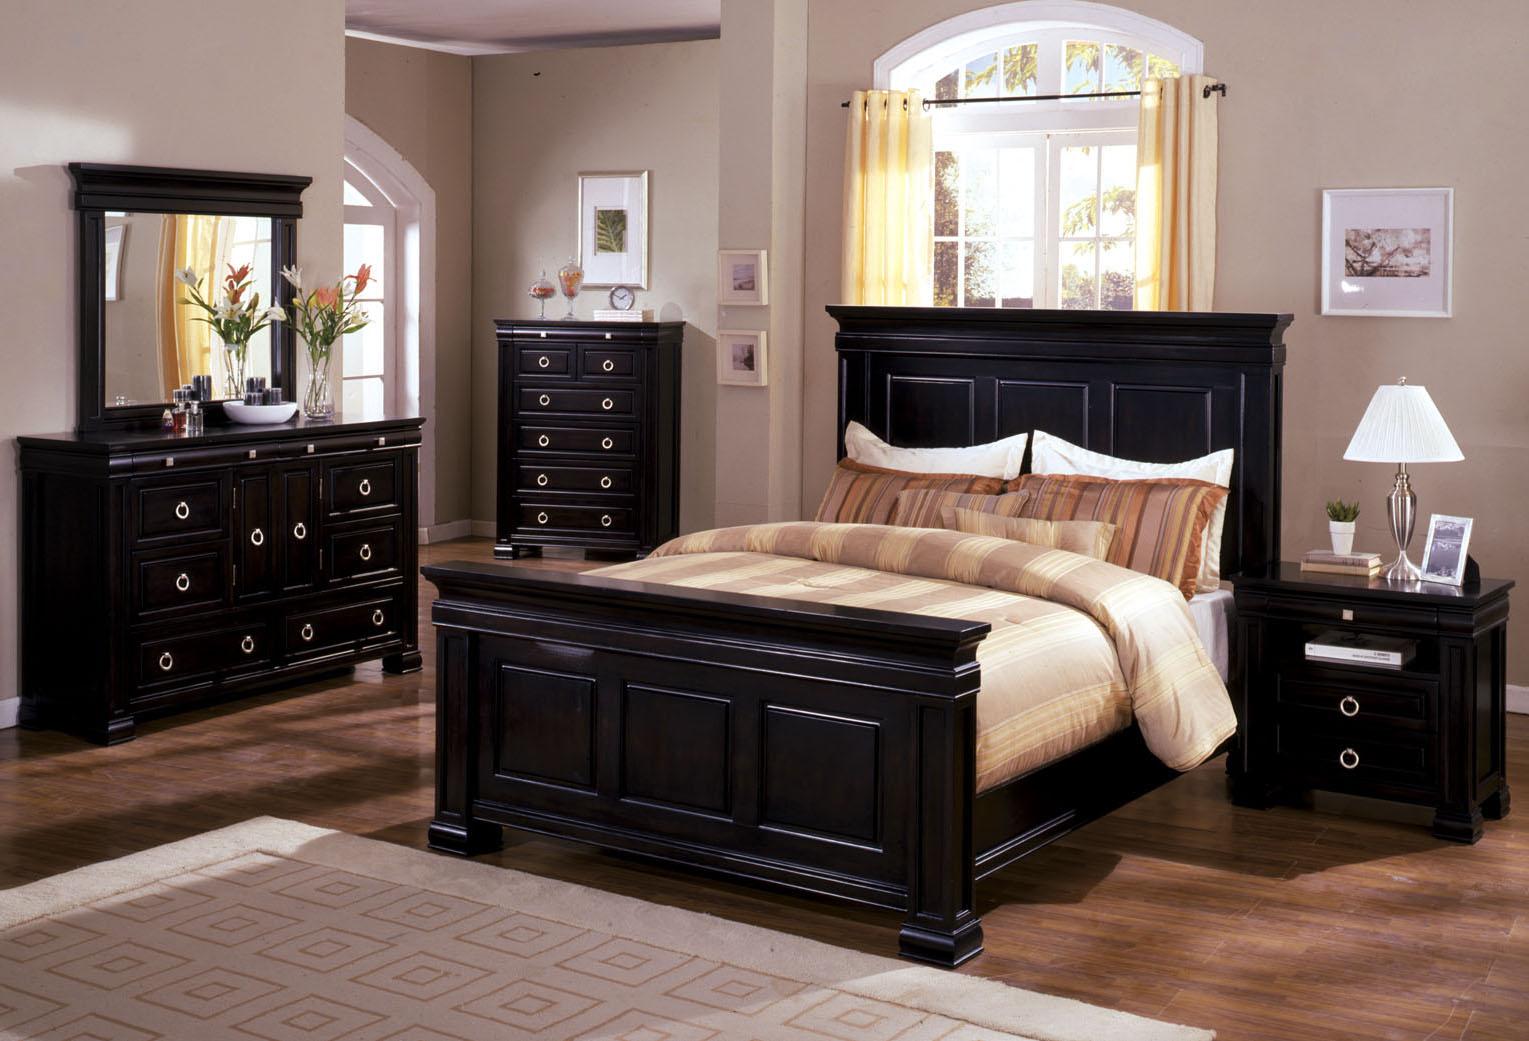 black bedroom furniture queen photo - 3